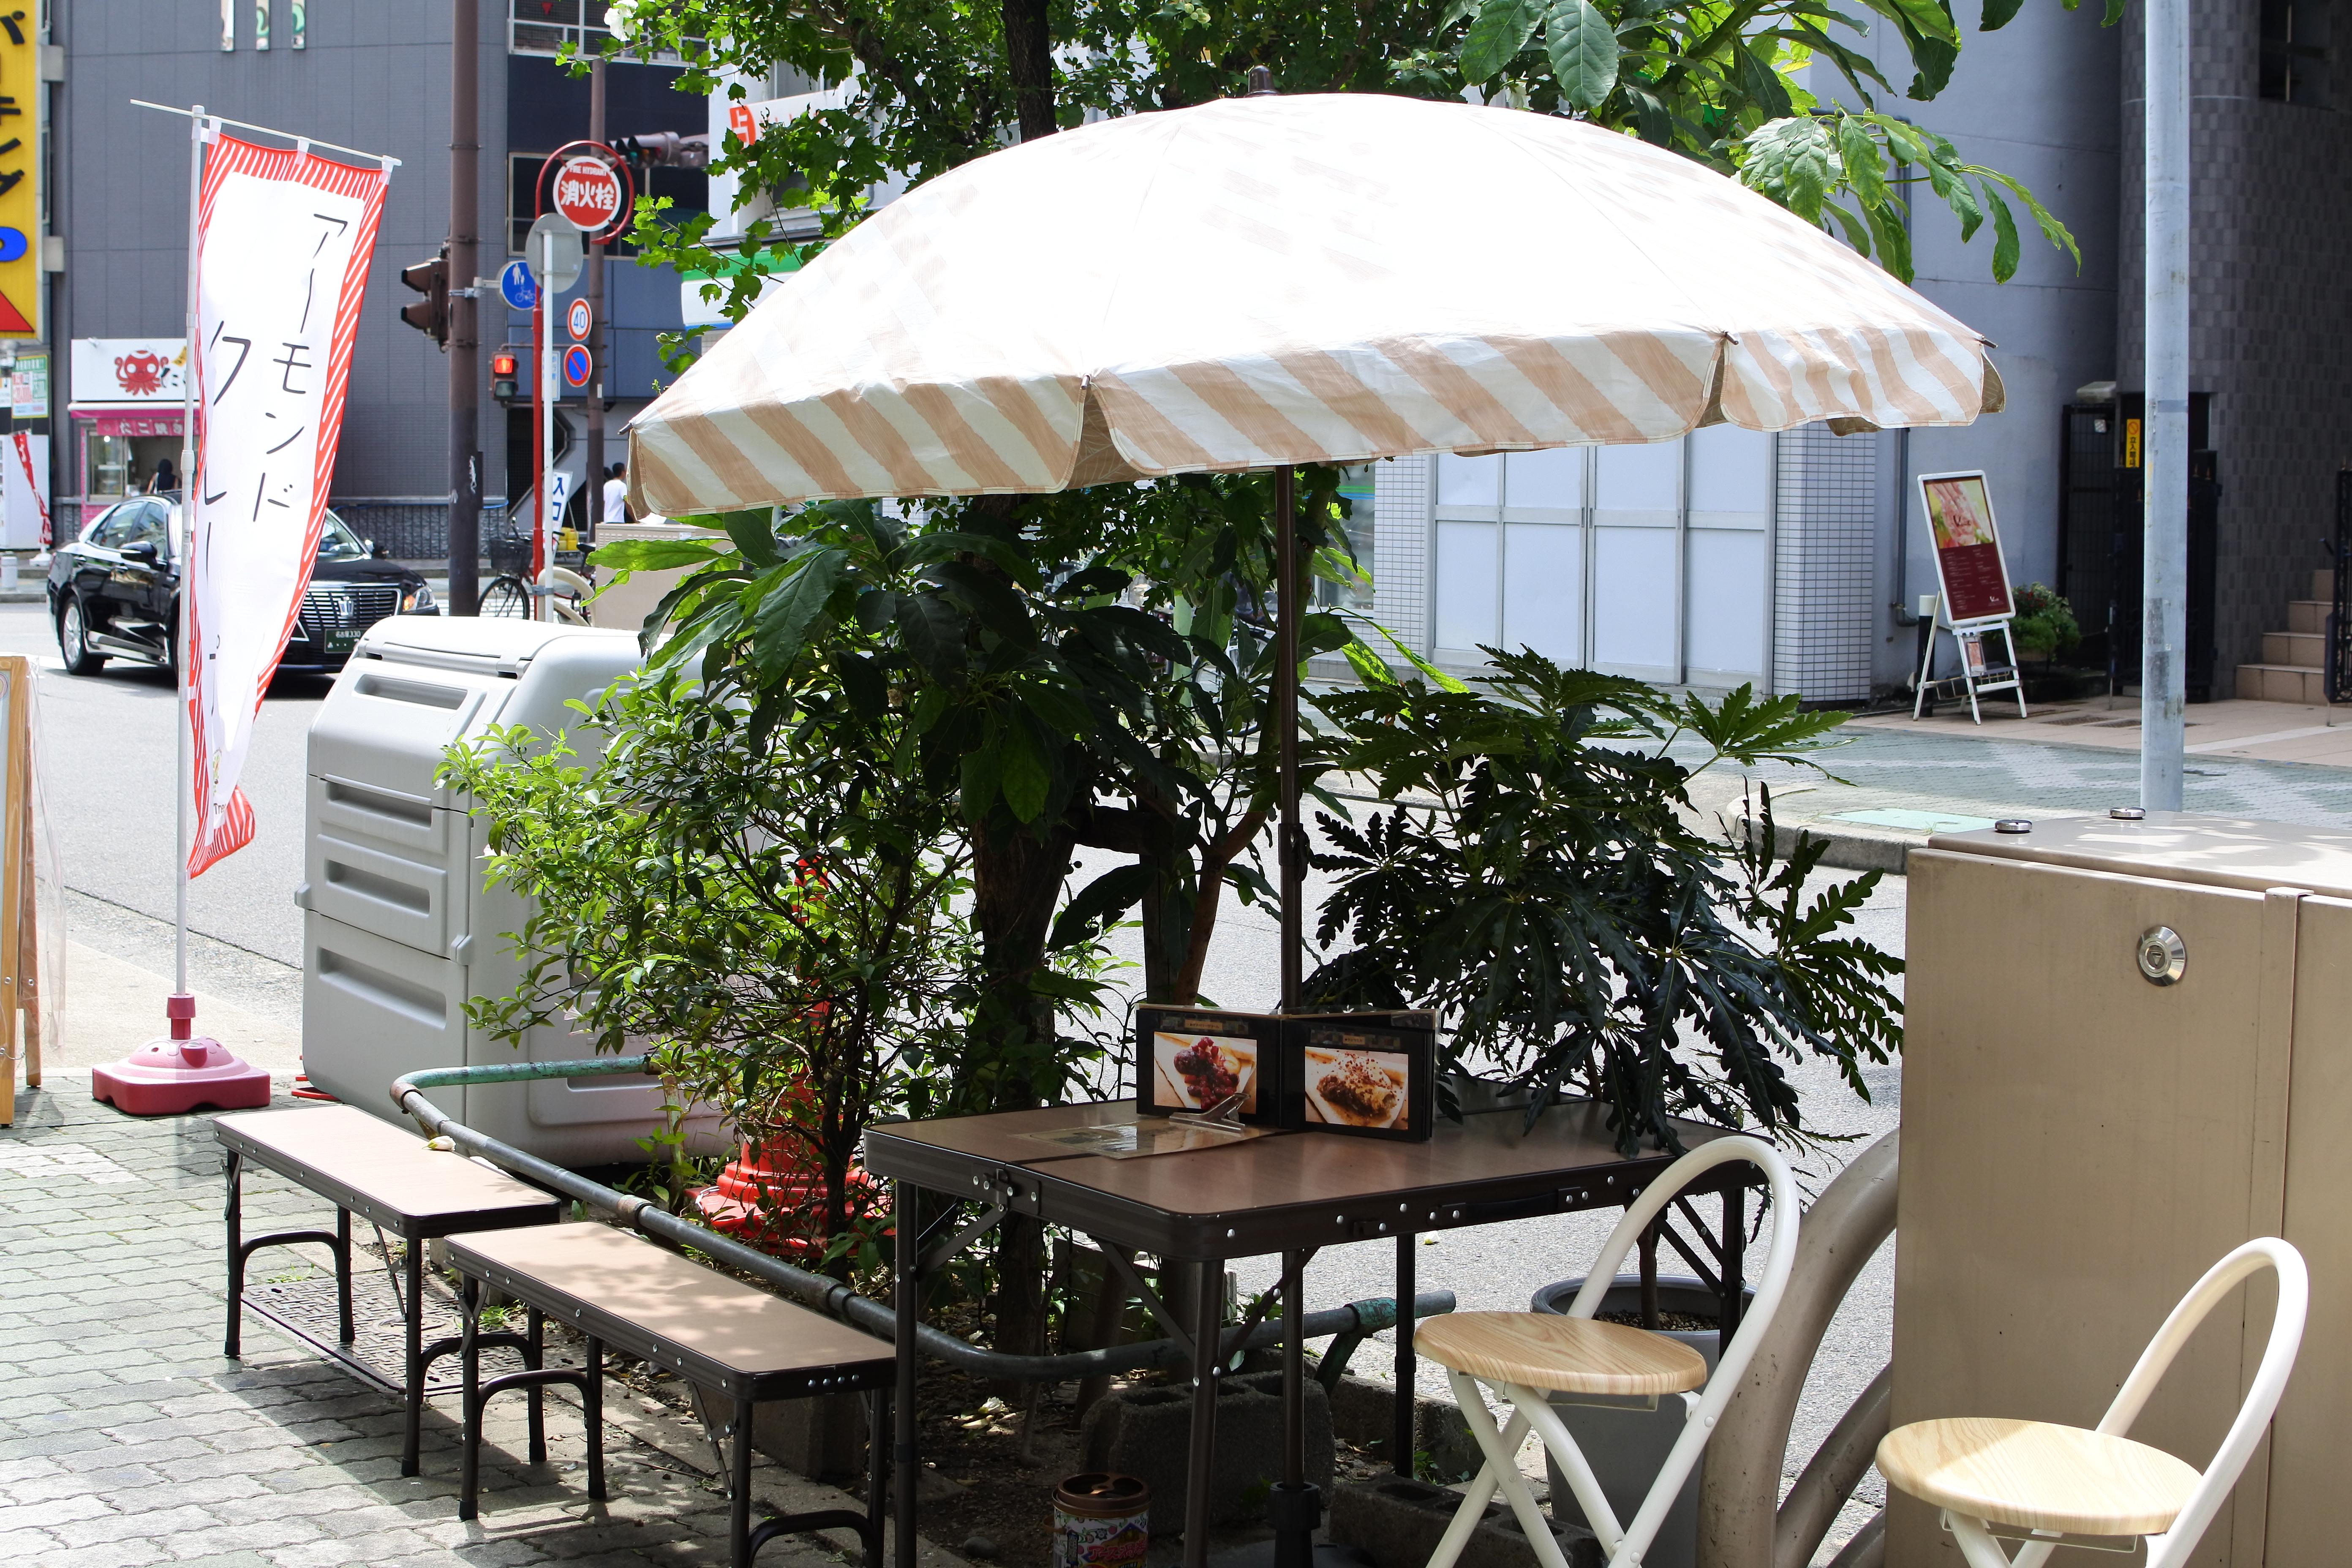 オーガニッククレープ専門店『ブラウンツリー』。自家製ギーで作るバターコーヒーも - DSC 0546